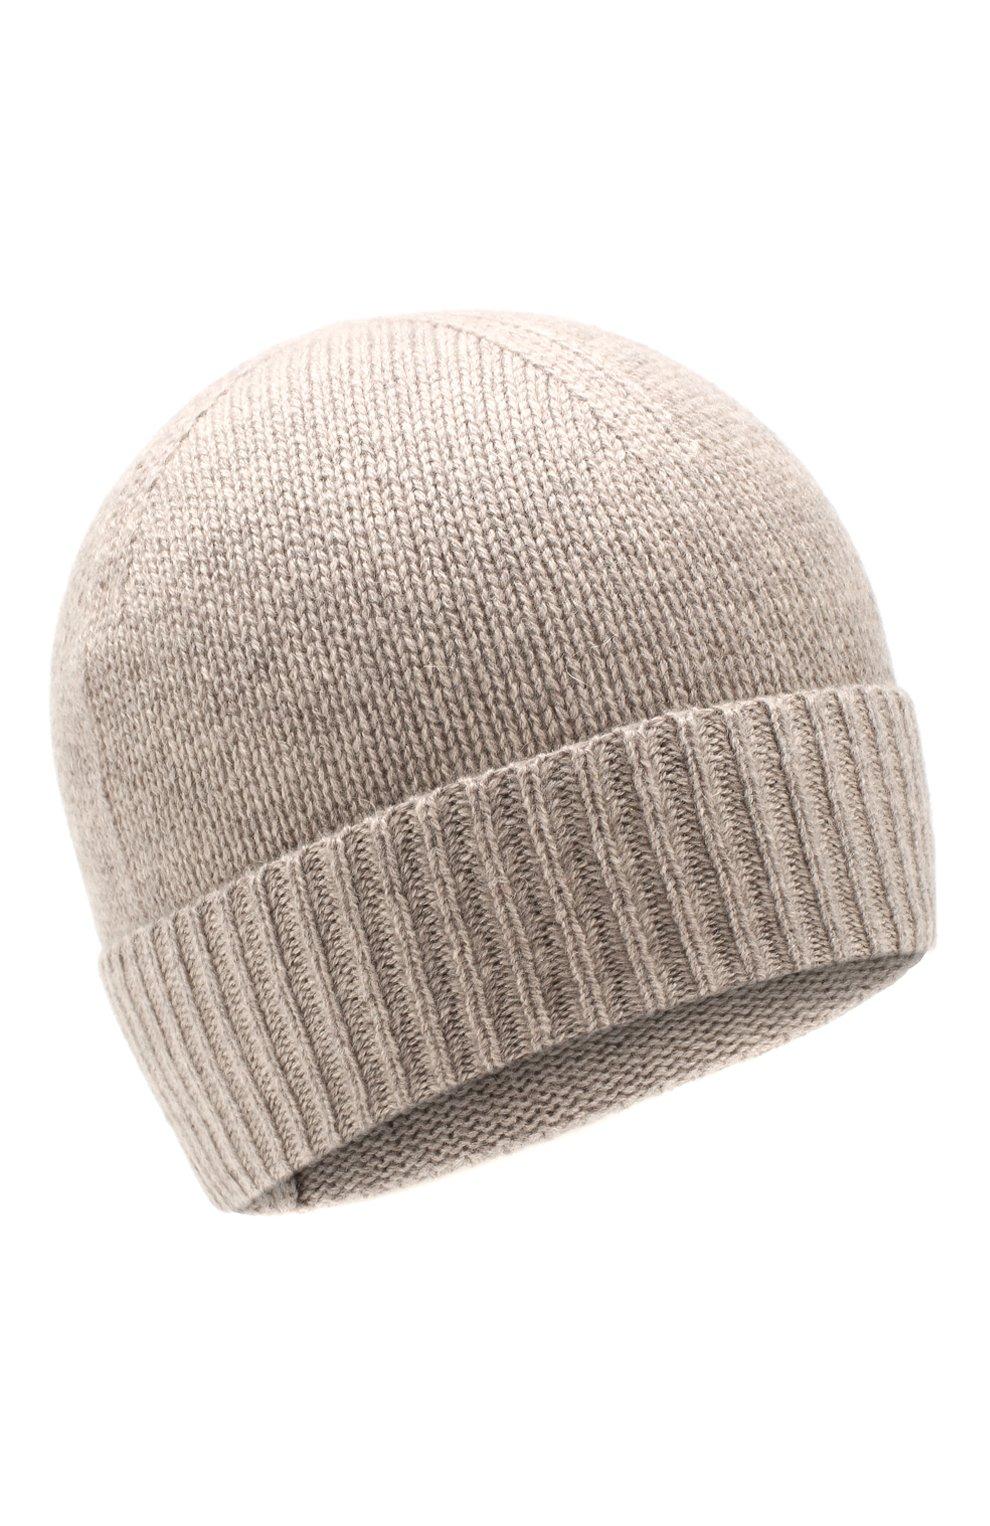 Мужская кашемировая шапка FTC бежевого цвета, арт. 768-0290 | Фото 1